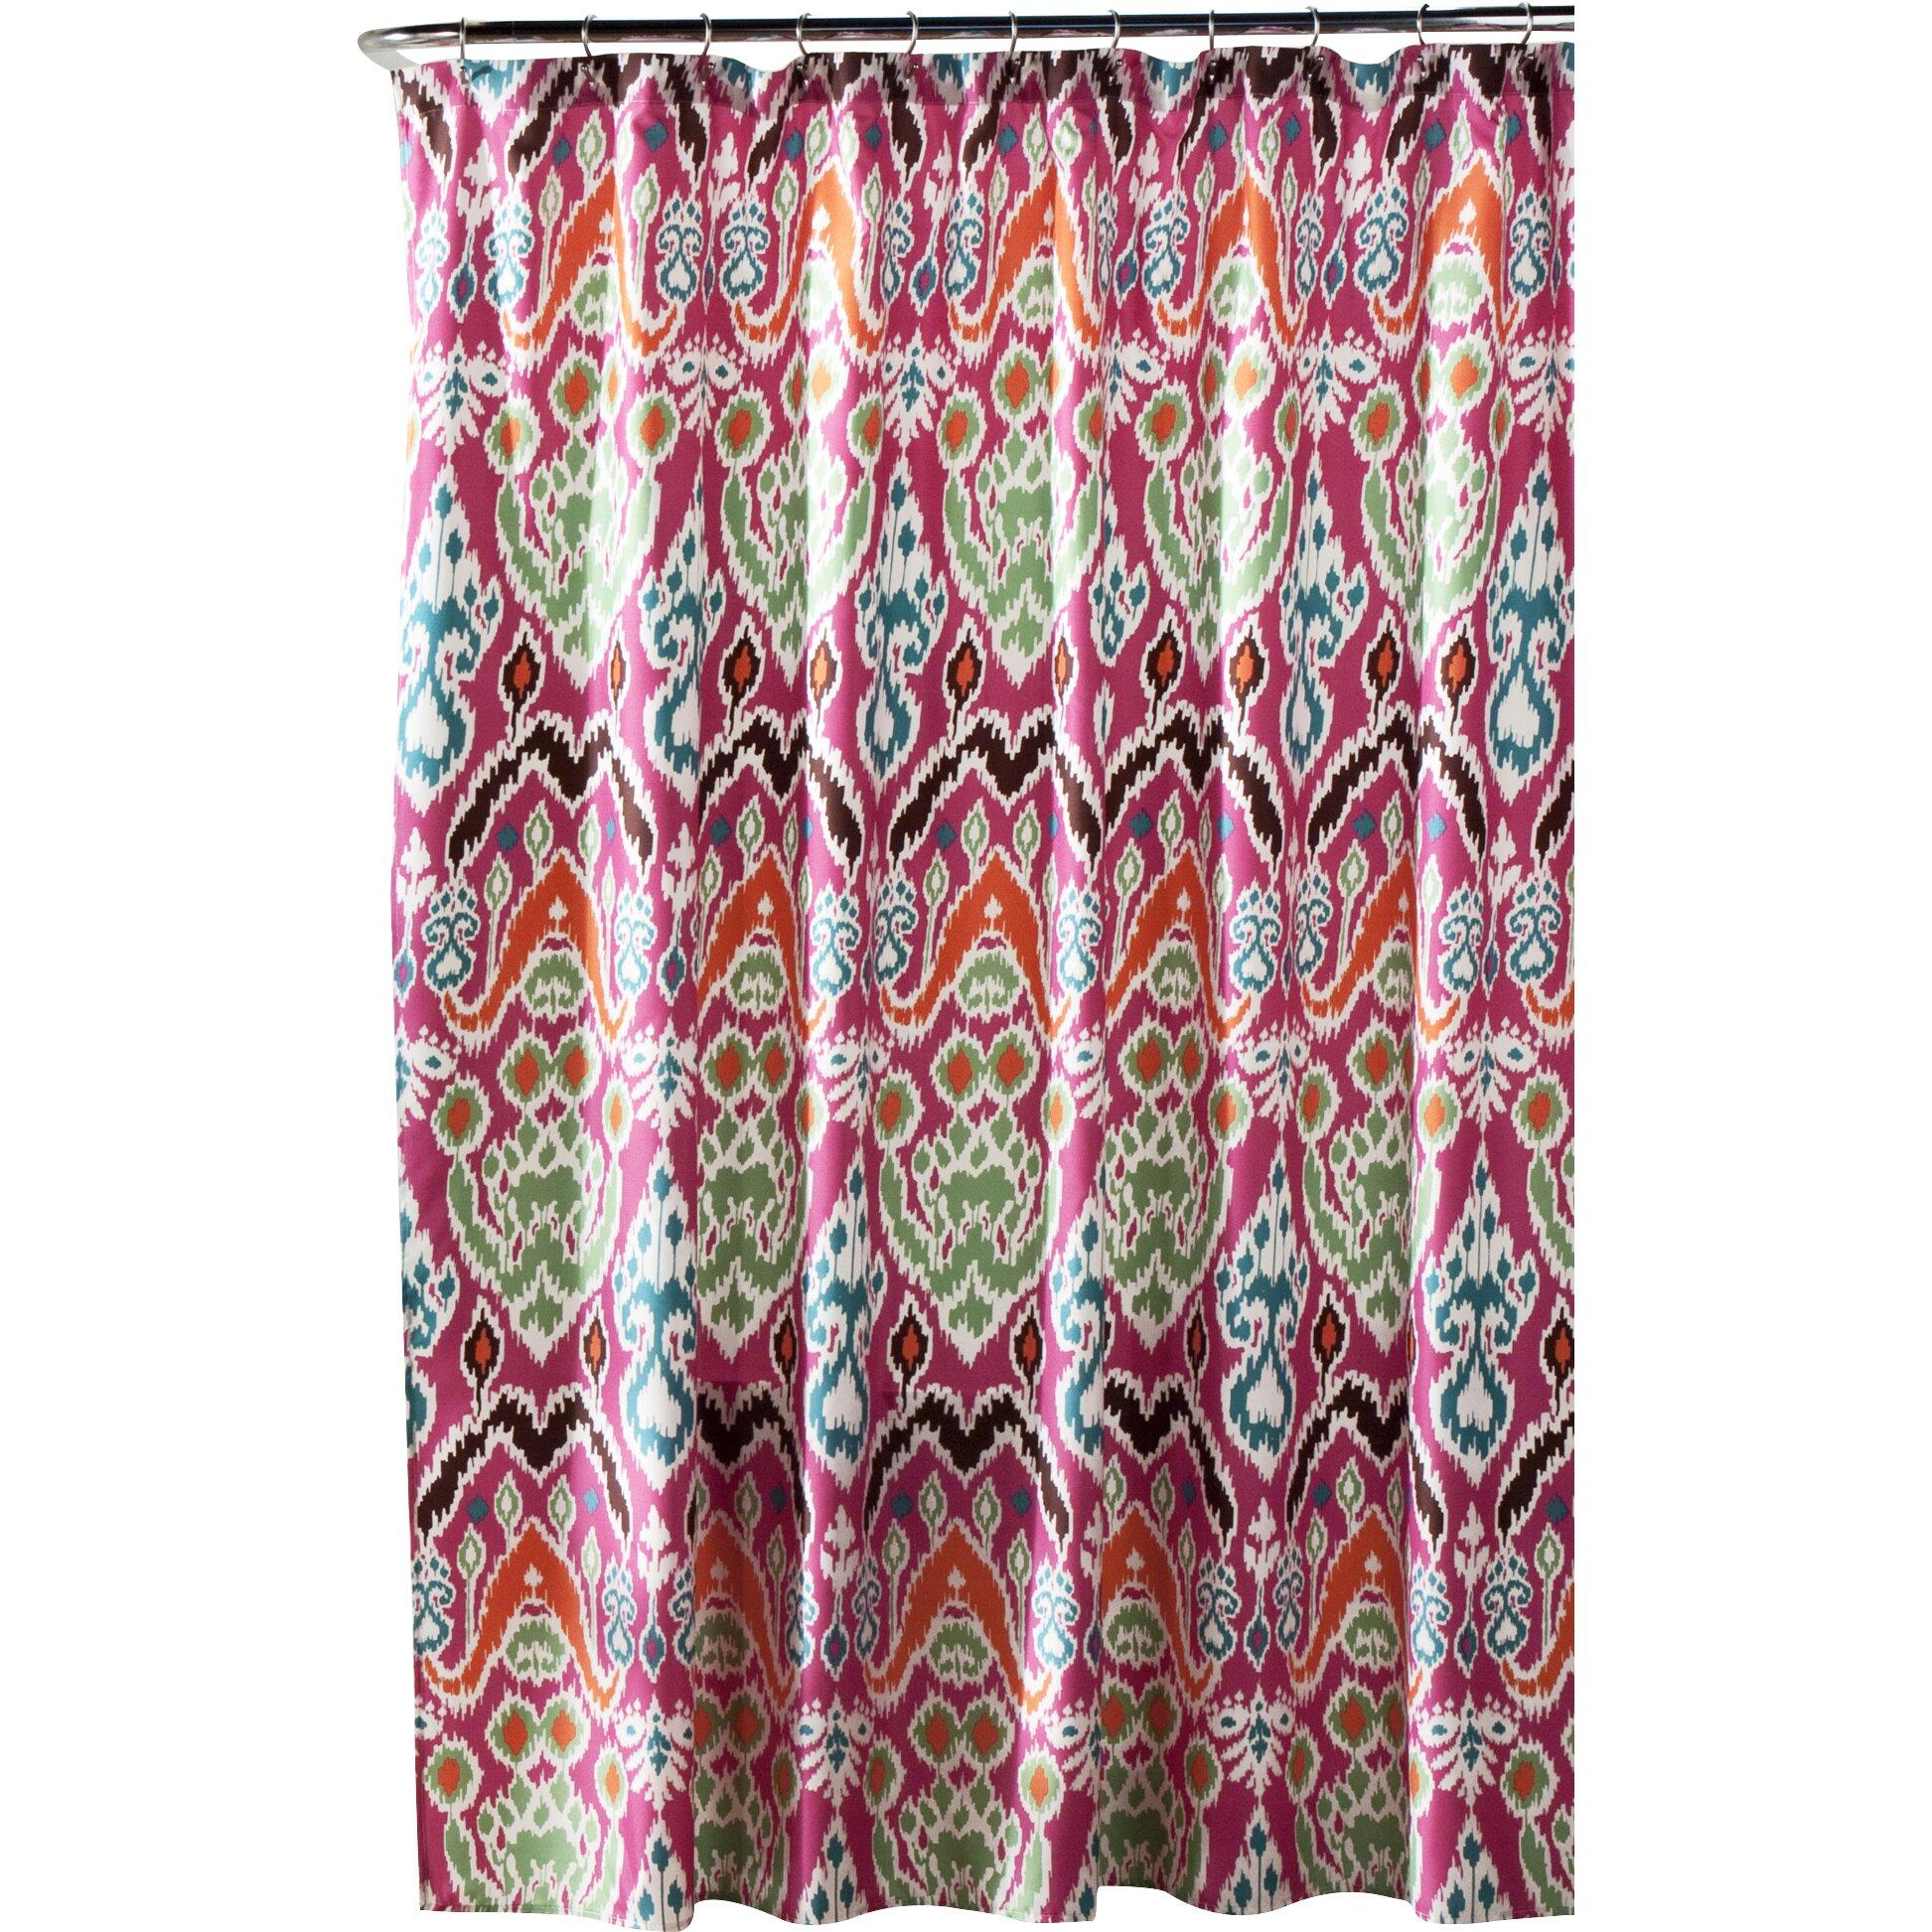 Lush Decor Jaipur Ikat Polyester Shower Curtain Reviews